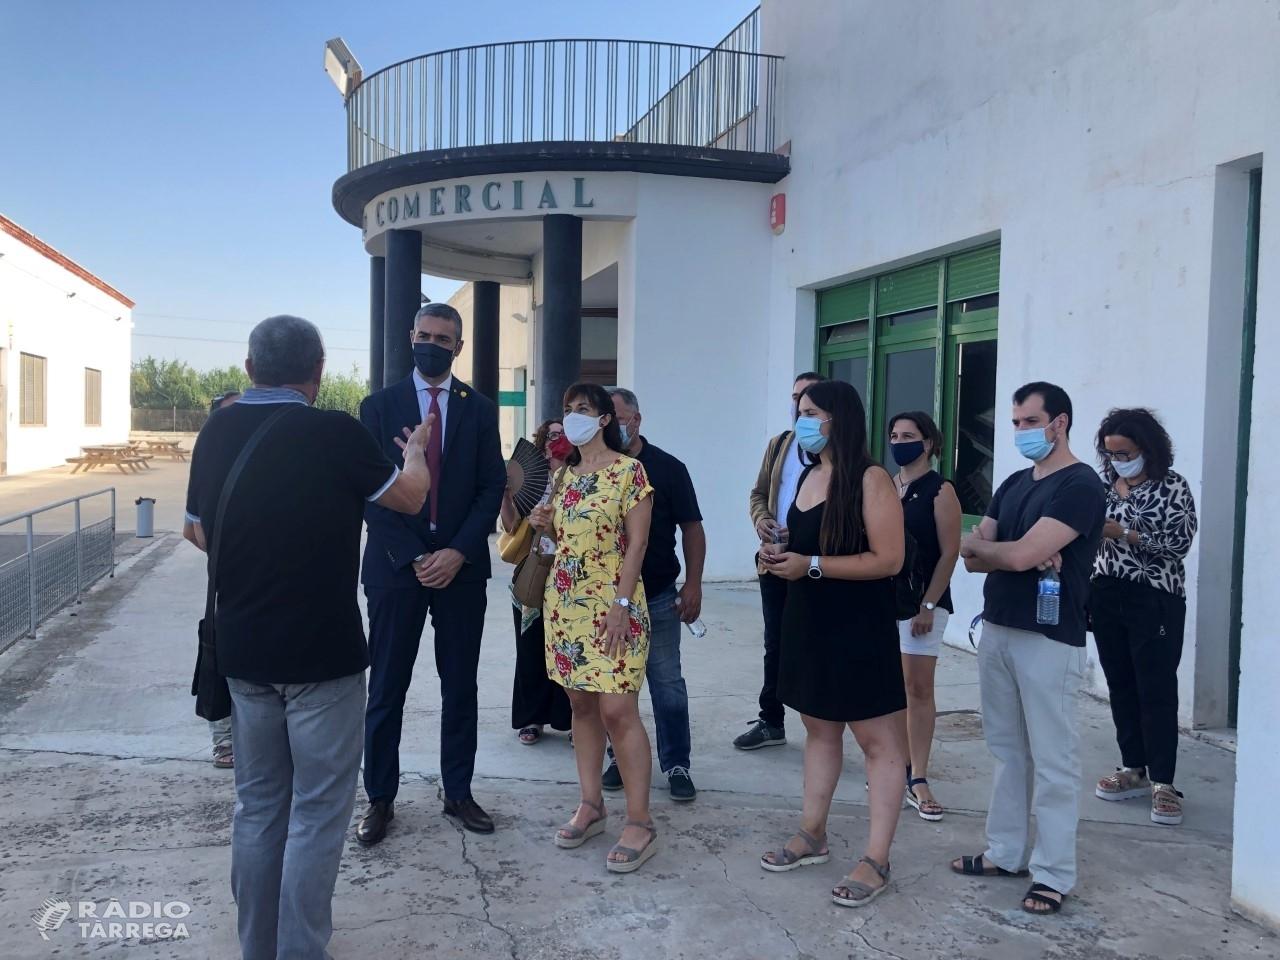 El Conseller d'Afers Exteriors, Relacions Institucionals i Transparència, Bernat Solé, visita Cal Trepat i es reuneix amb l'equip directiu de Fira Tàrrega